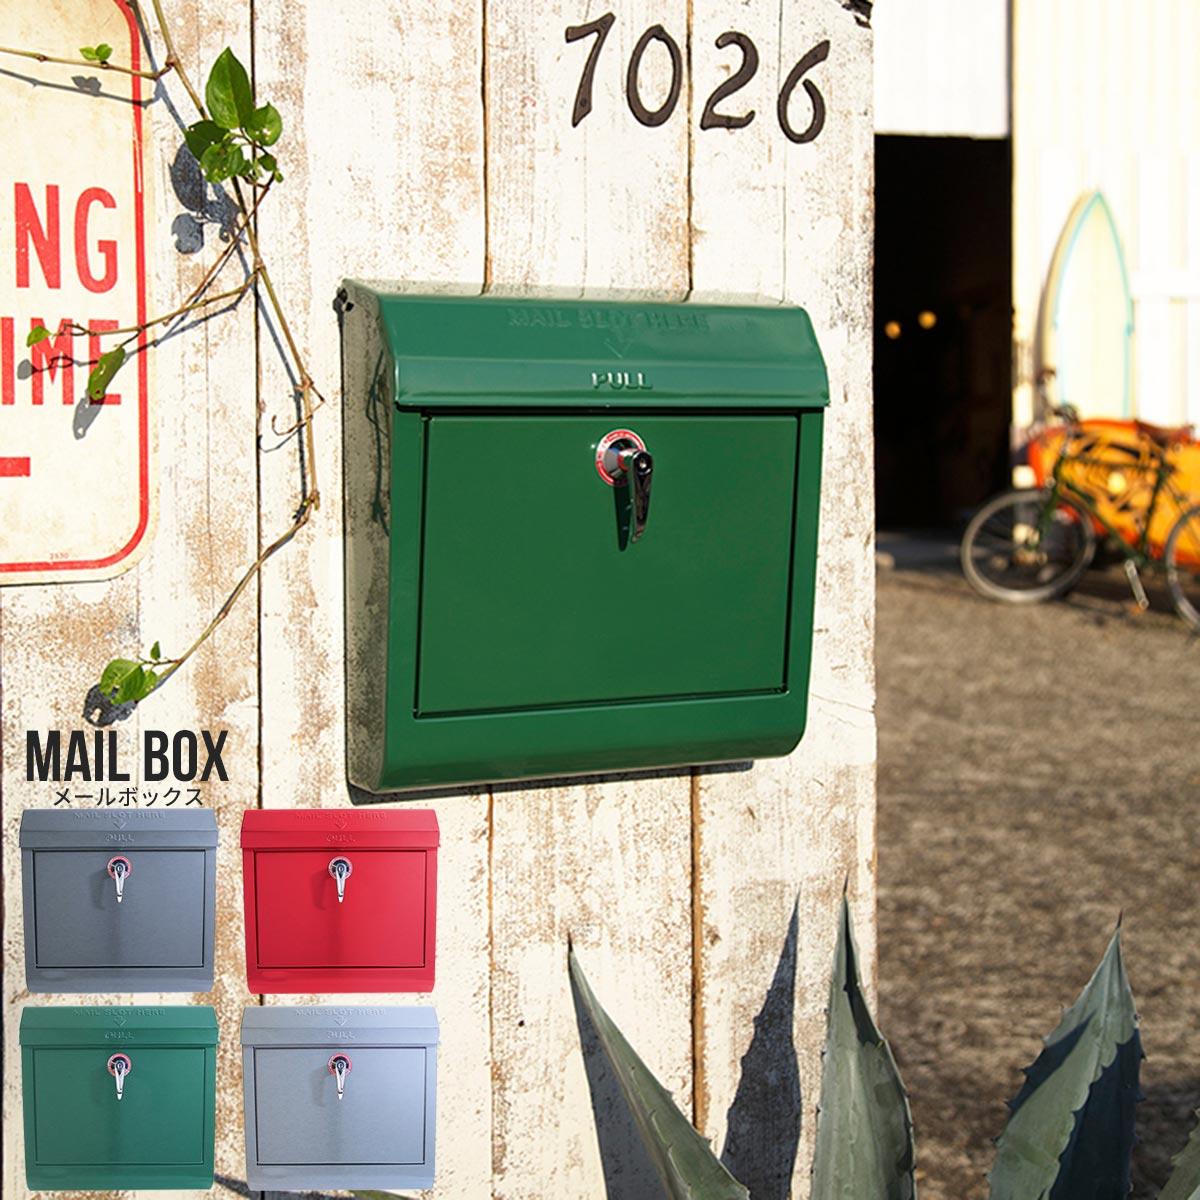 【あす楽】Mail box ユーエス メールボックス(ロゴなし) 送料無料